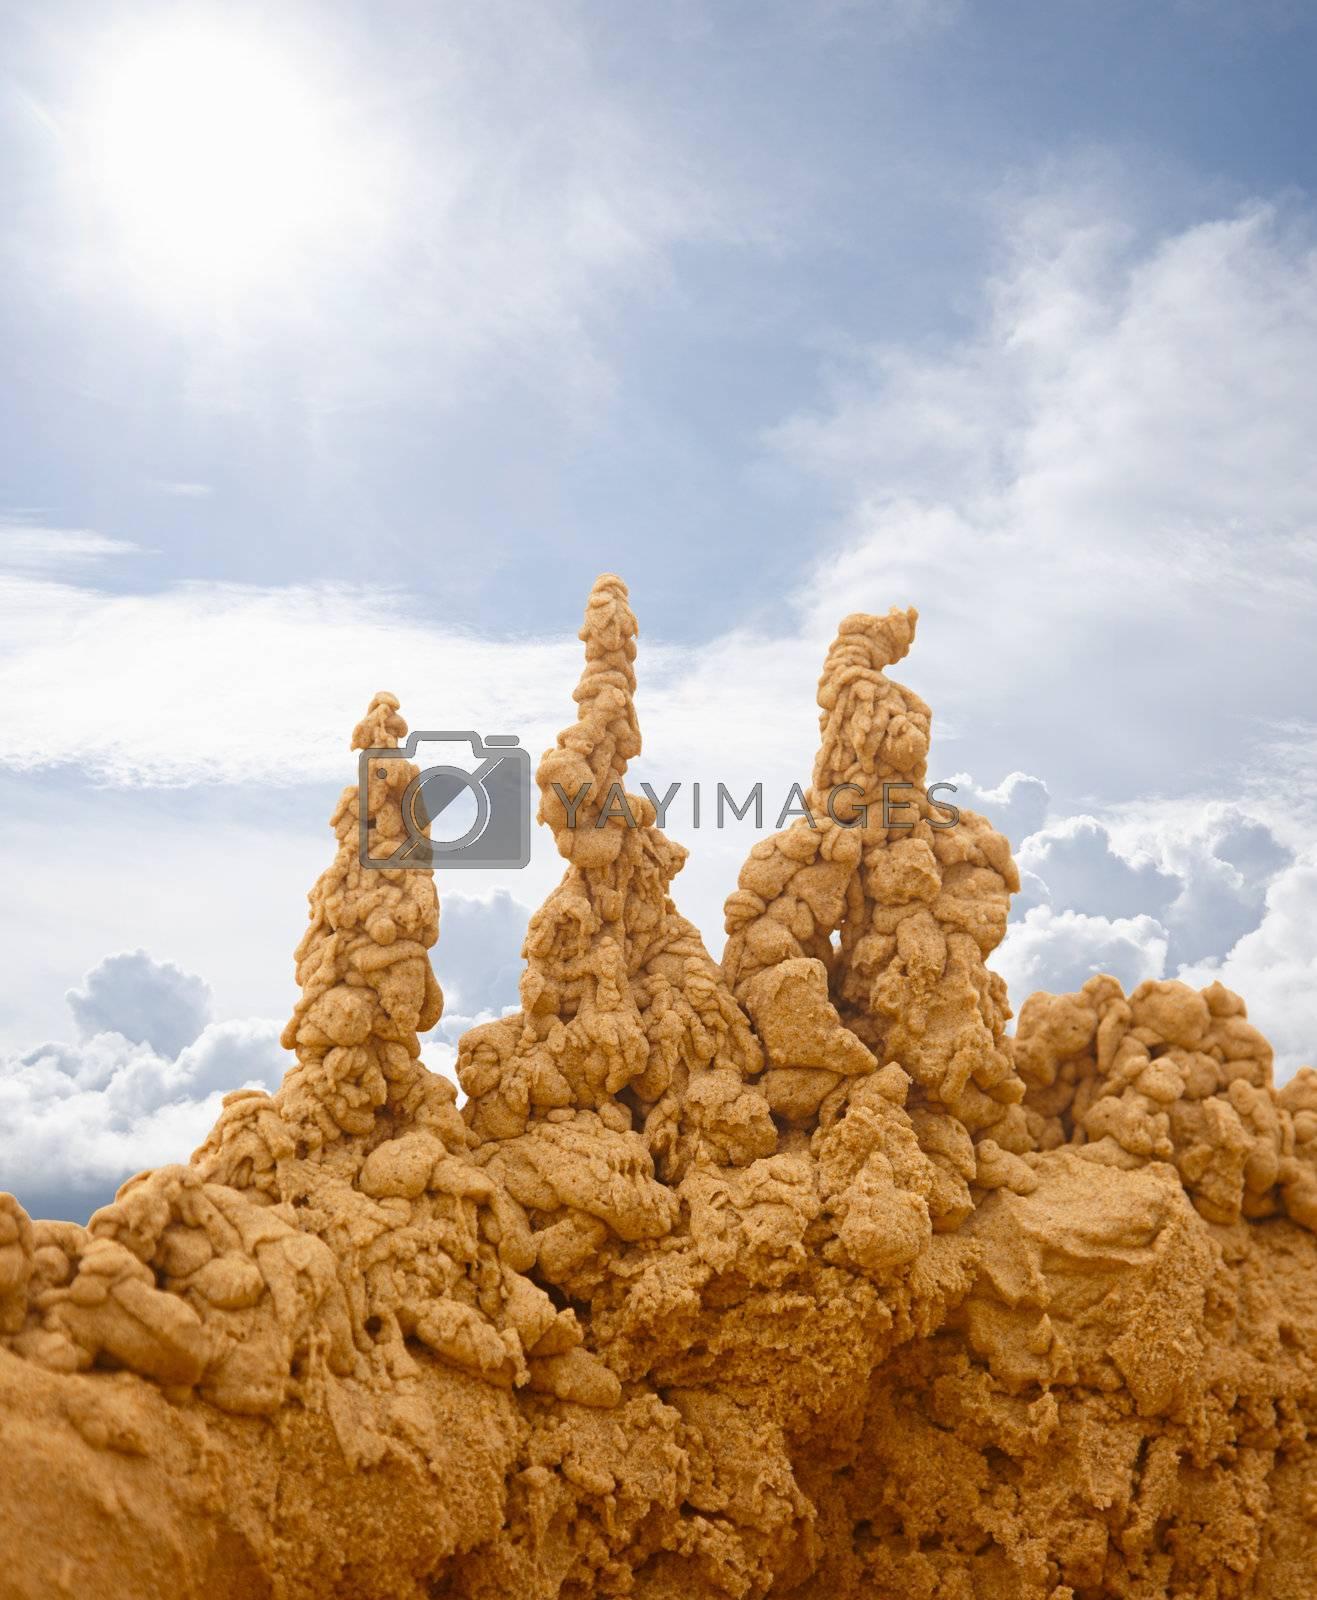 Bizarre sand castles on the sky background